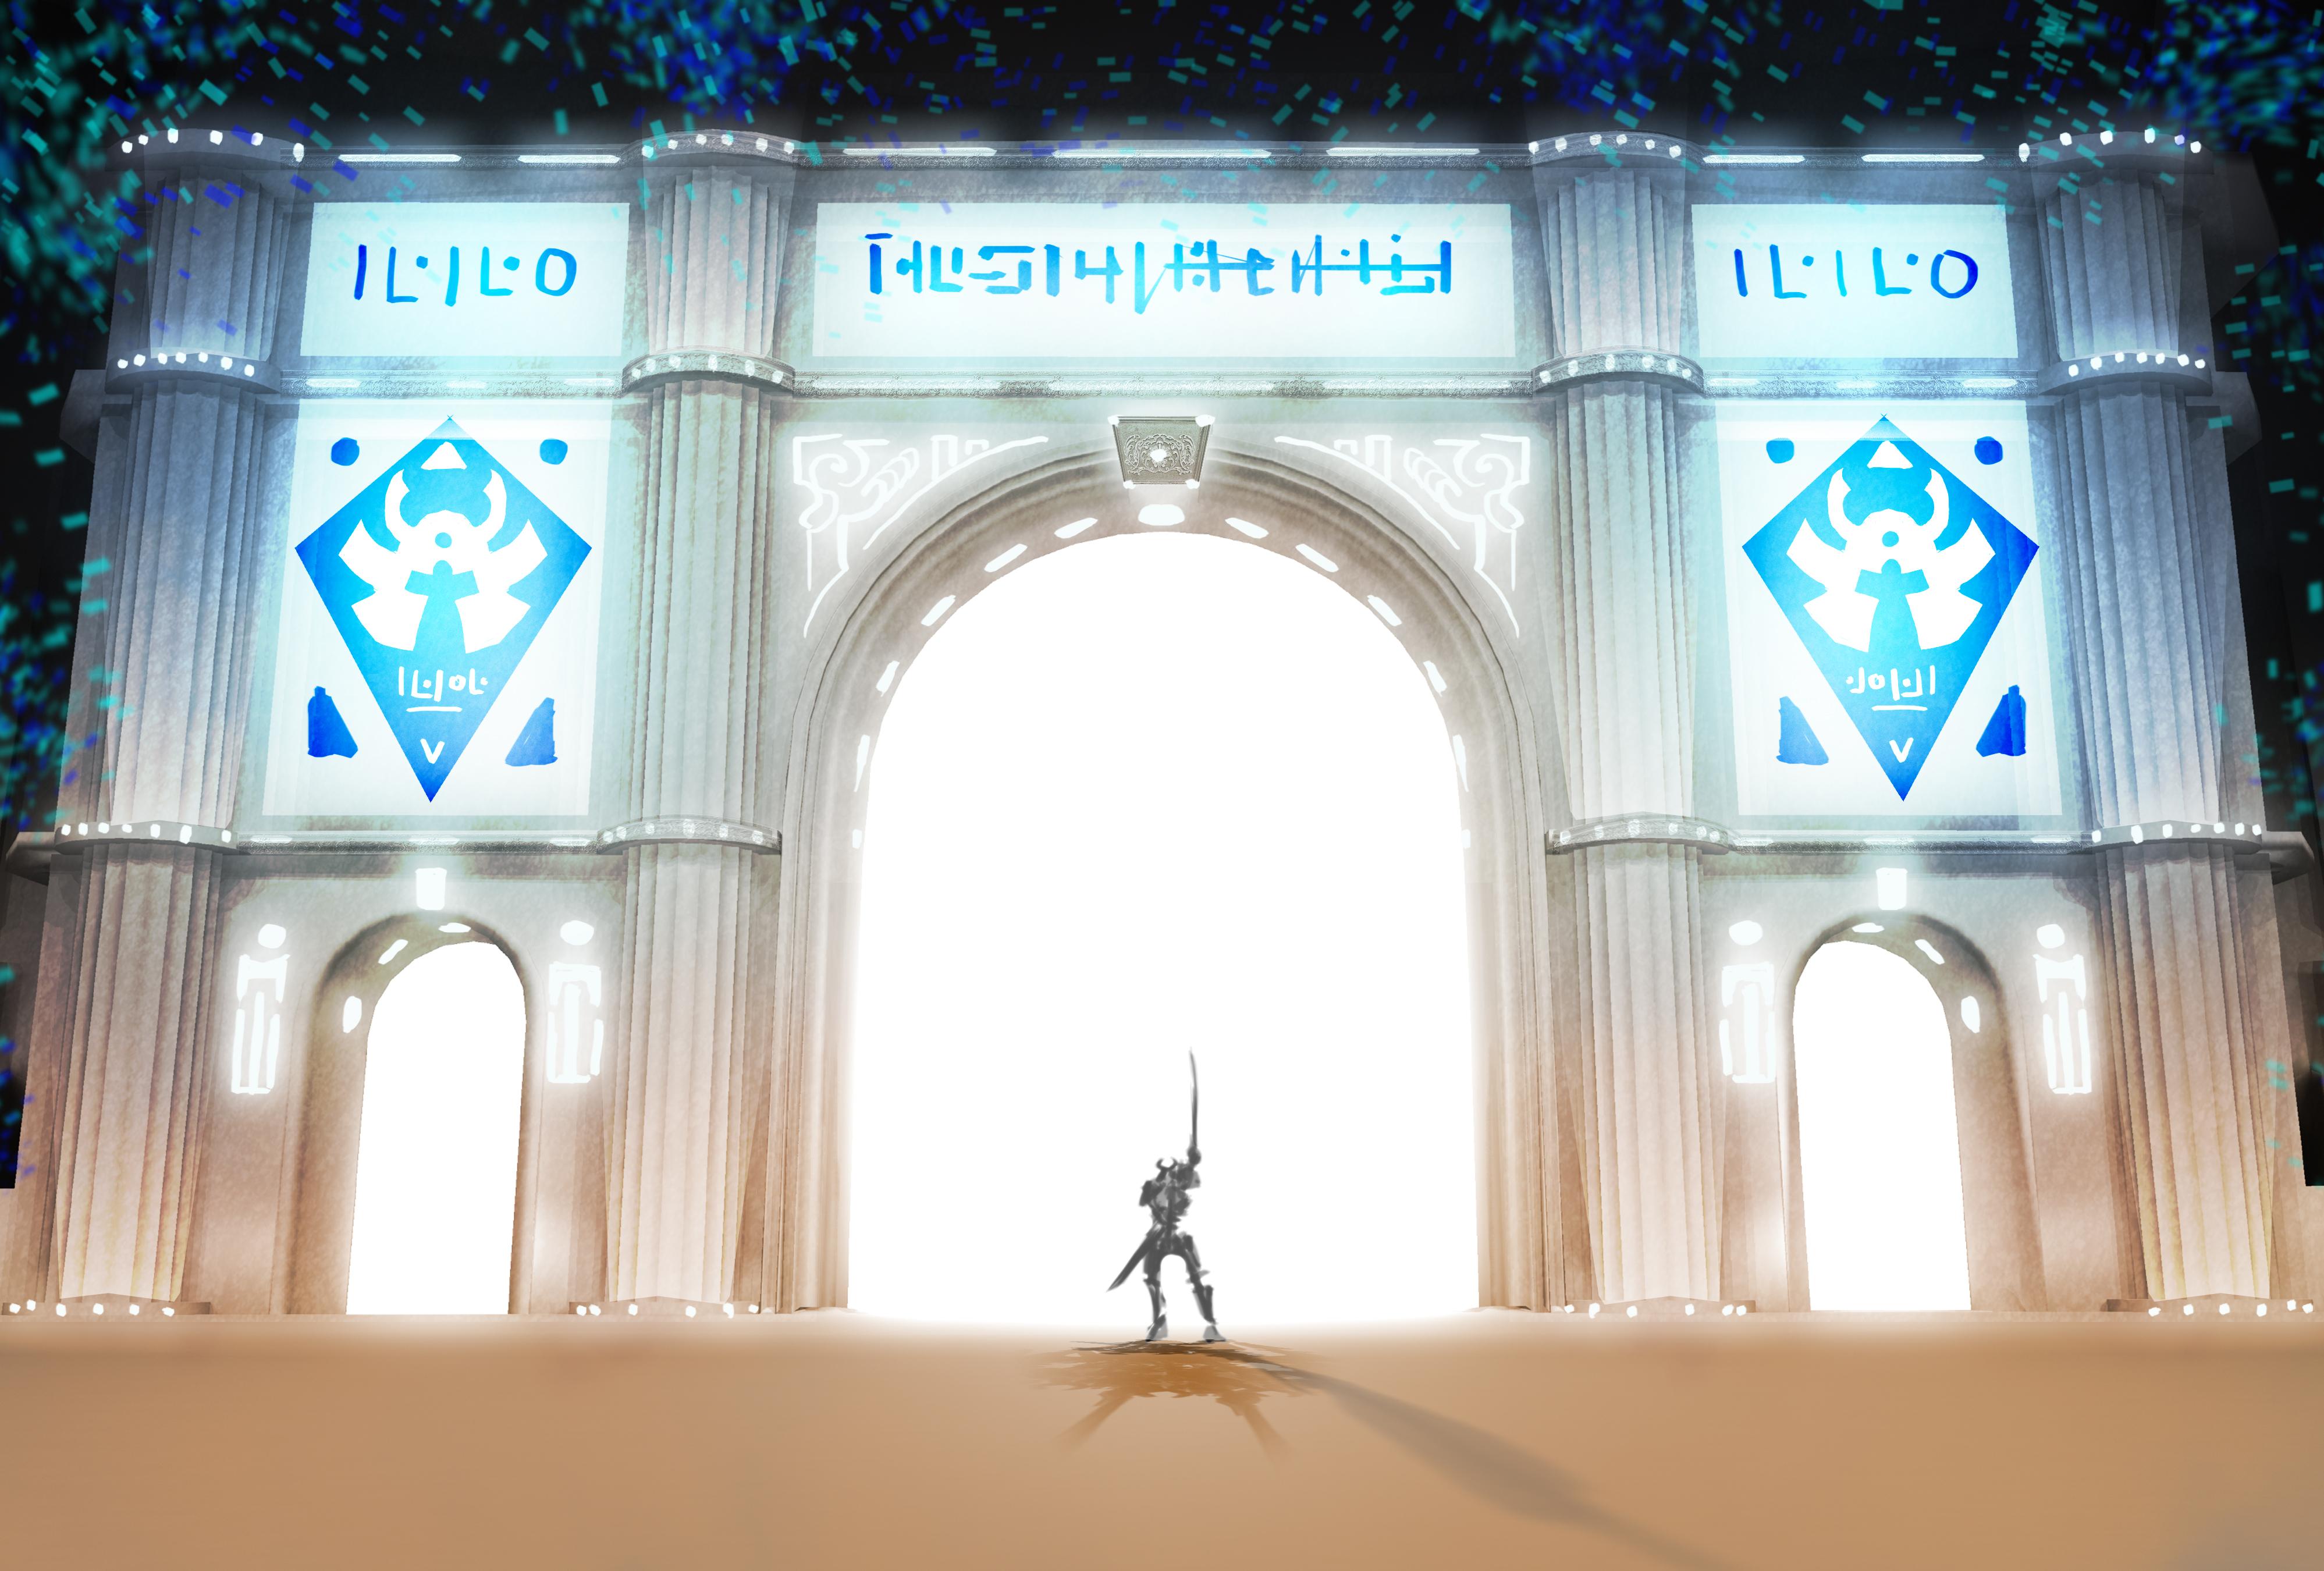 Triumphal Arch View